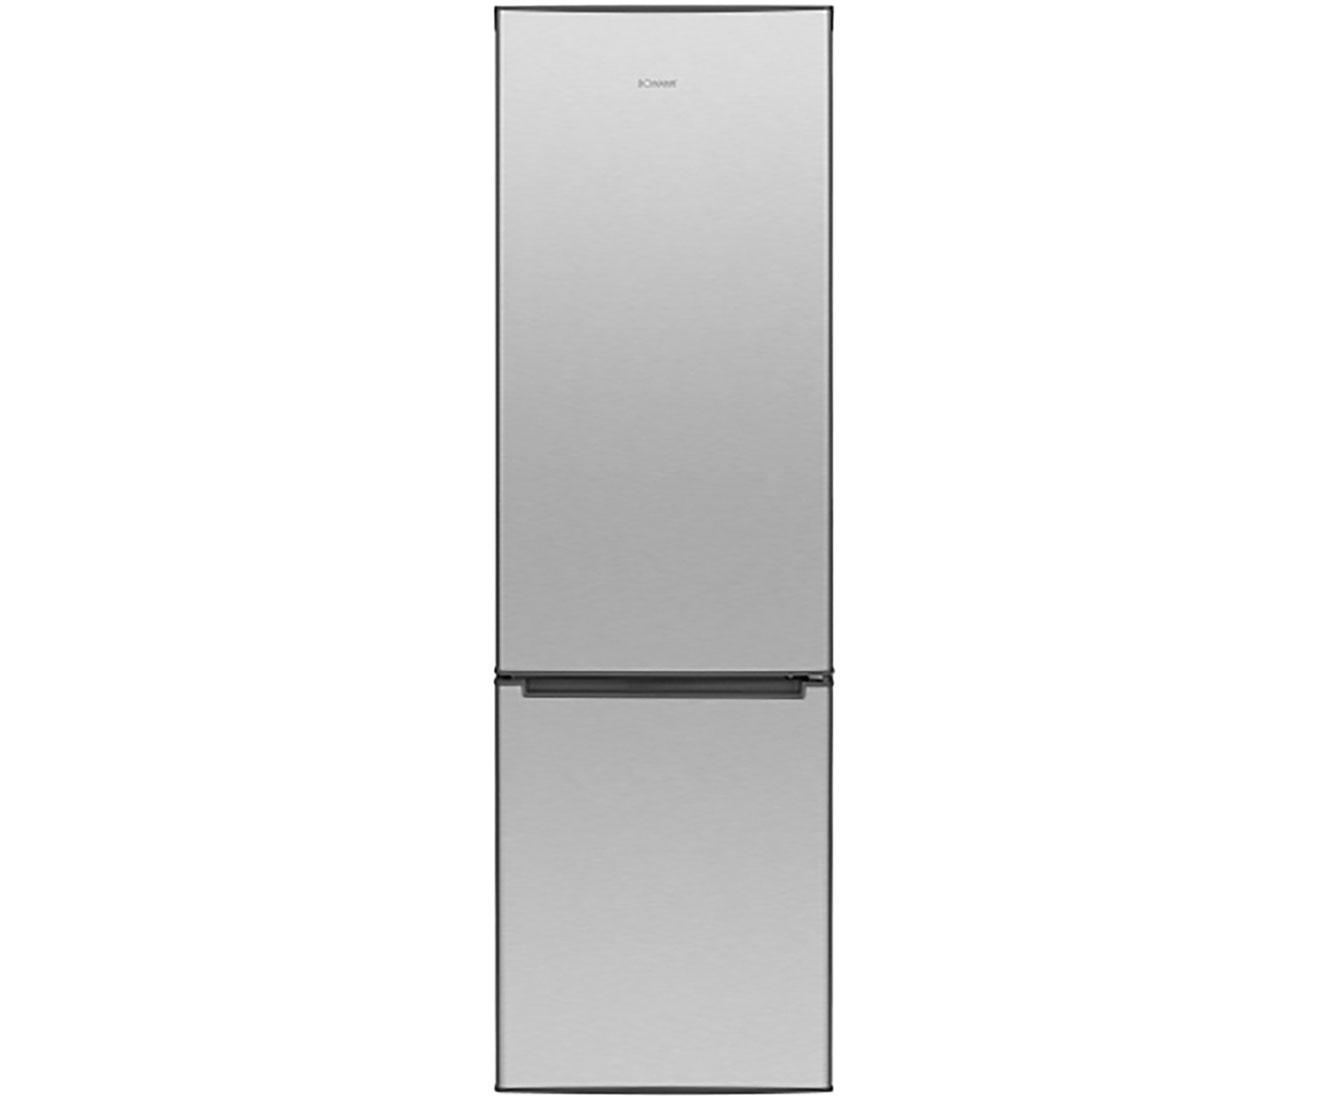 Bomann Kühlschrank Gefrierkombi : Bomann kg ix kühl gefrierkombination er breite edelstahl